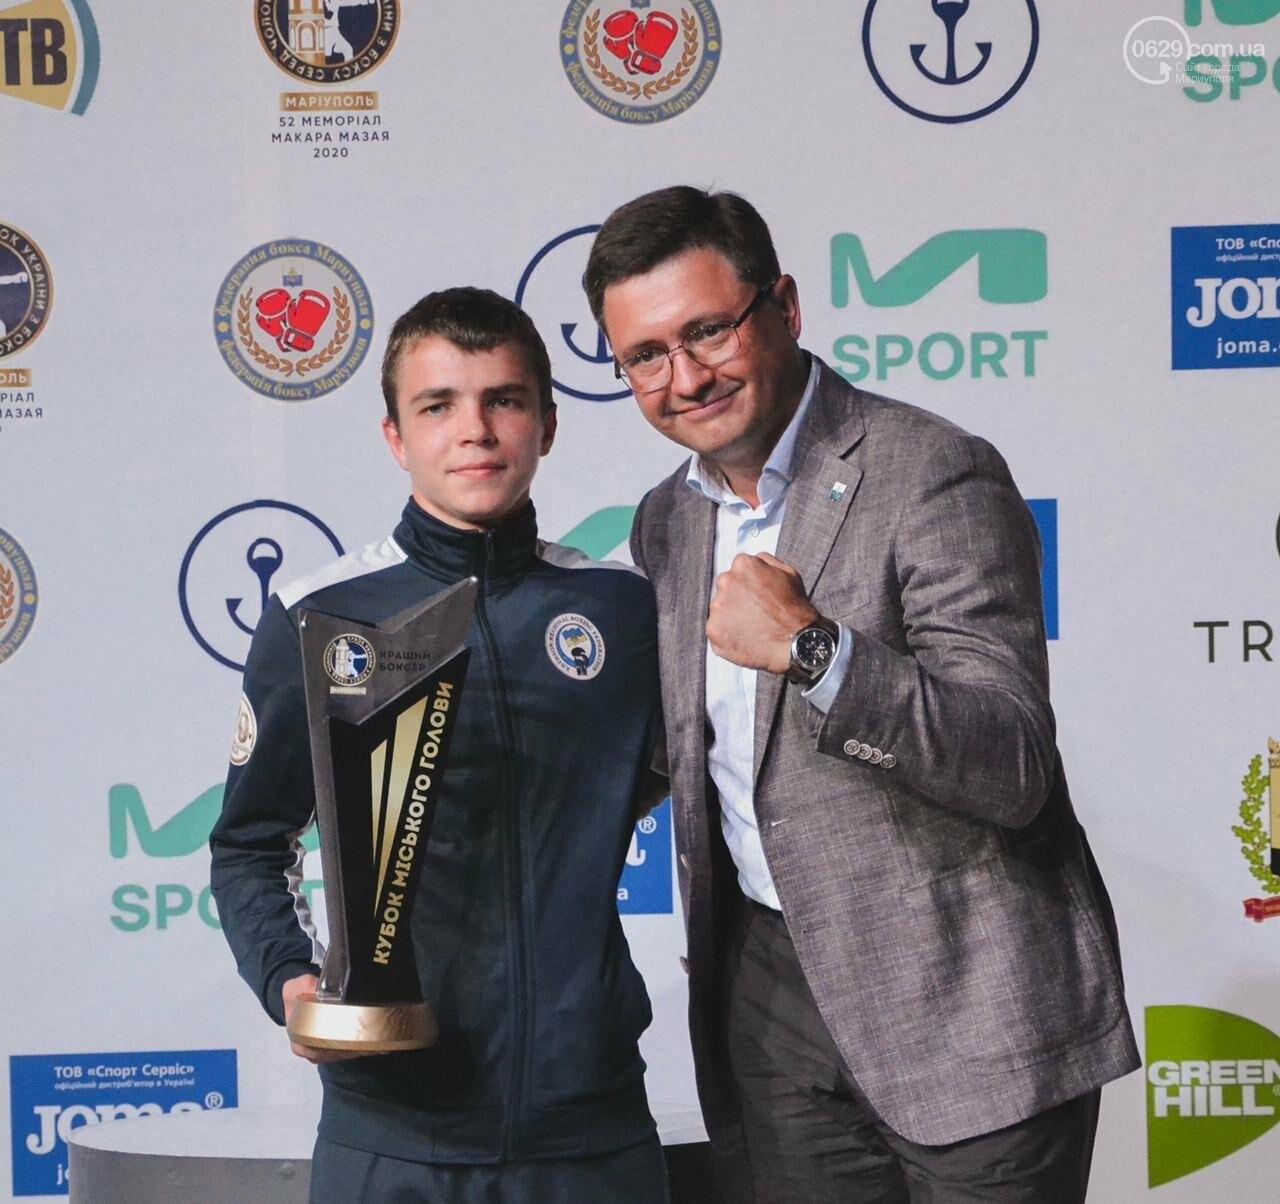 В минувшие выходные, в спорткомплексе «Ильичевец» завершился  52 мемориал Макара Мазая по боксу, который прошел  в рамках Кубка Украины, фото-3